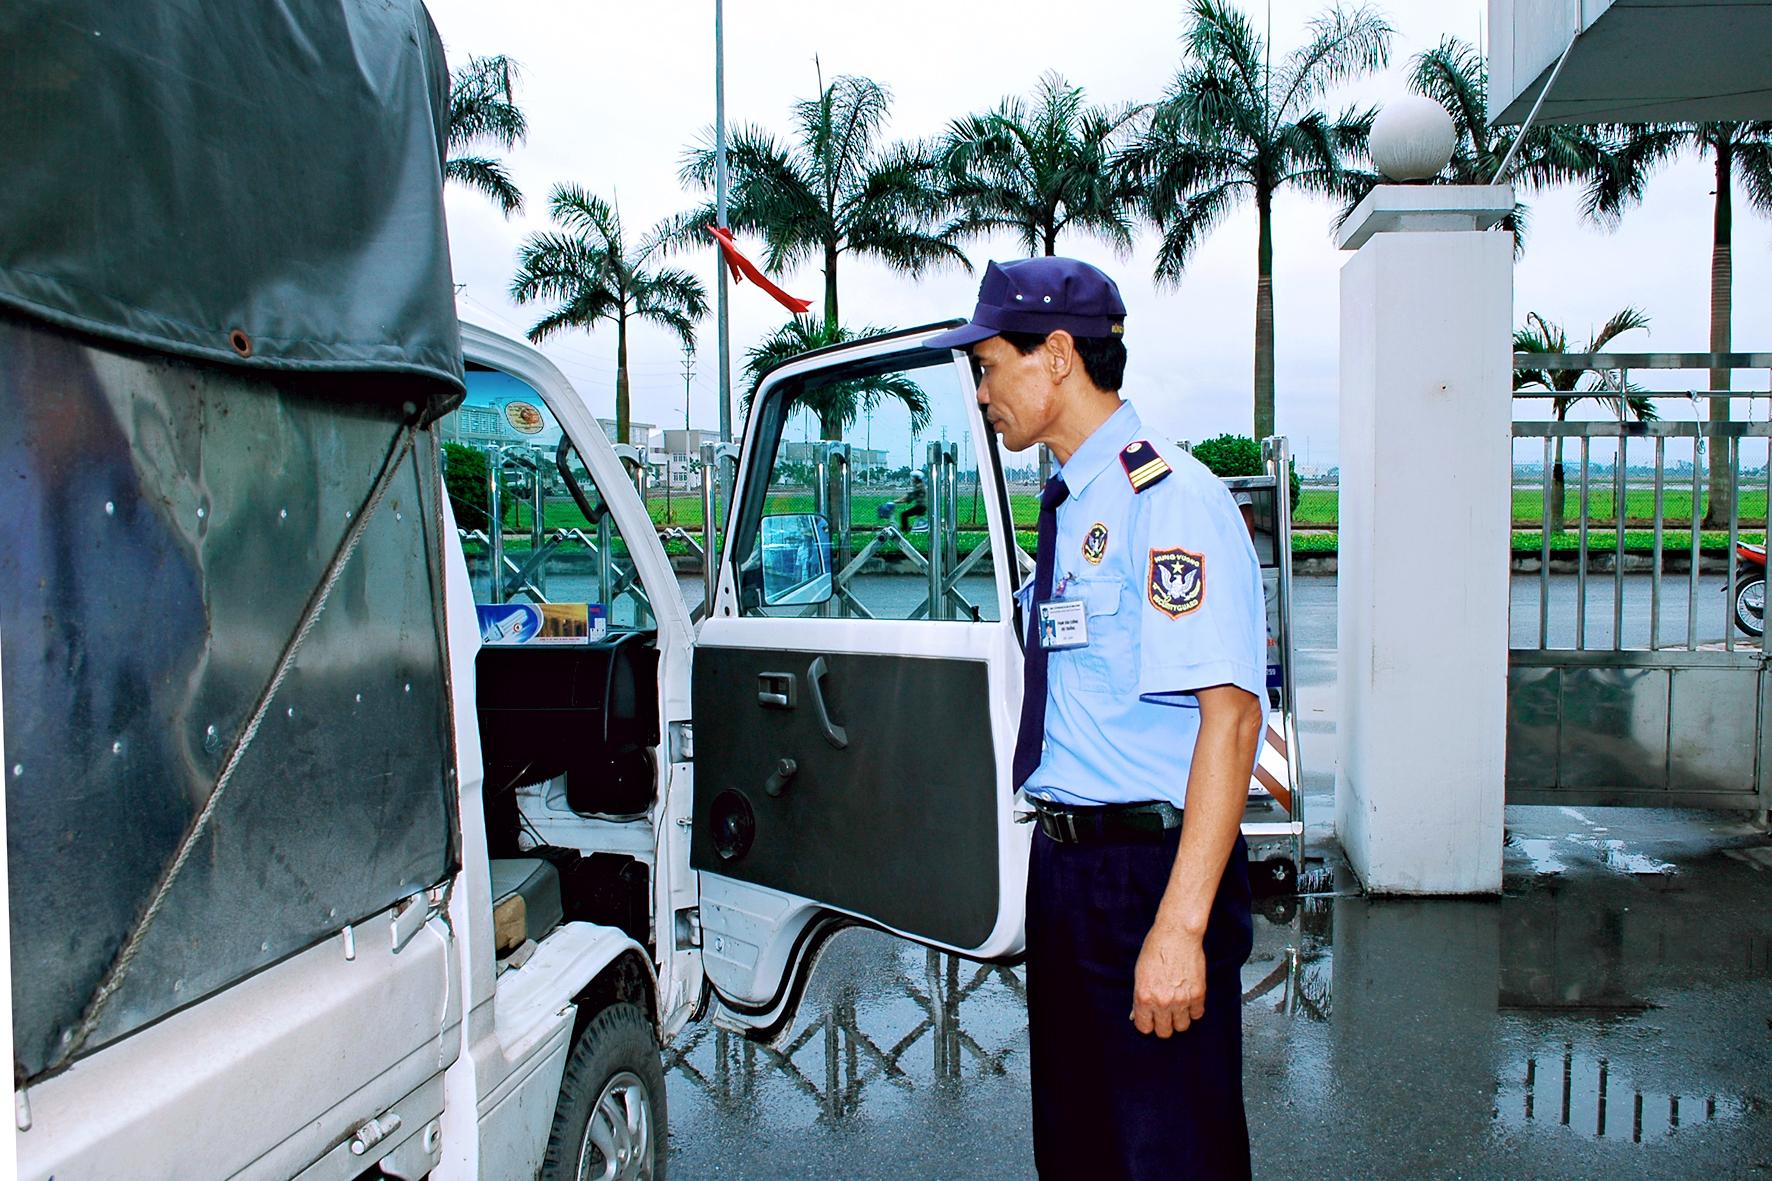 bảo vệ áp tải hàng hóa, dịch vụ bảo vệ áp tải hàng hóa